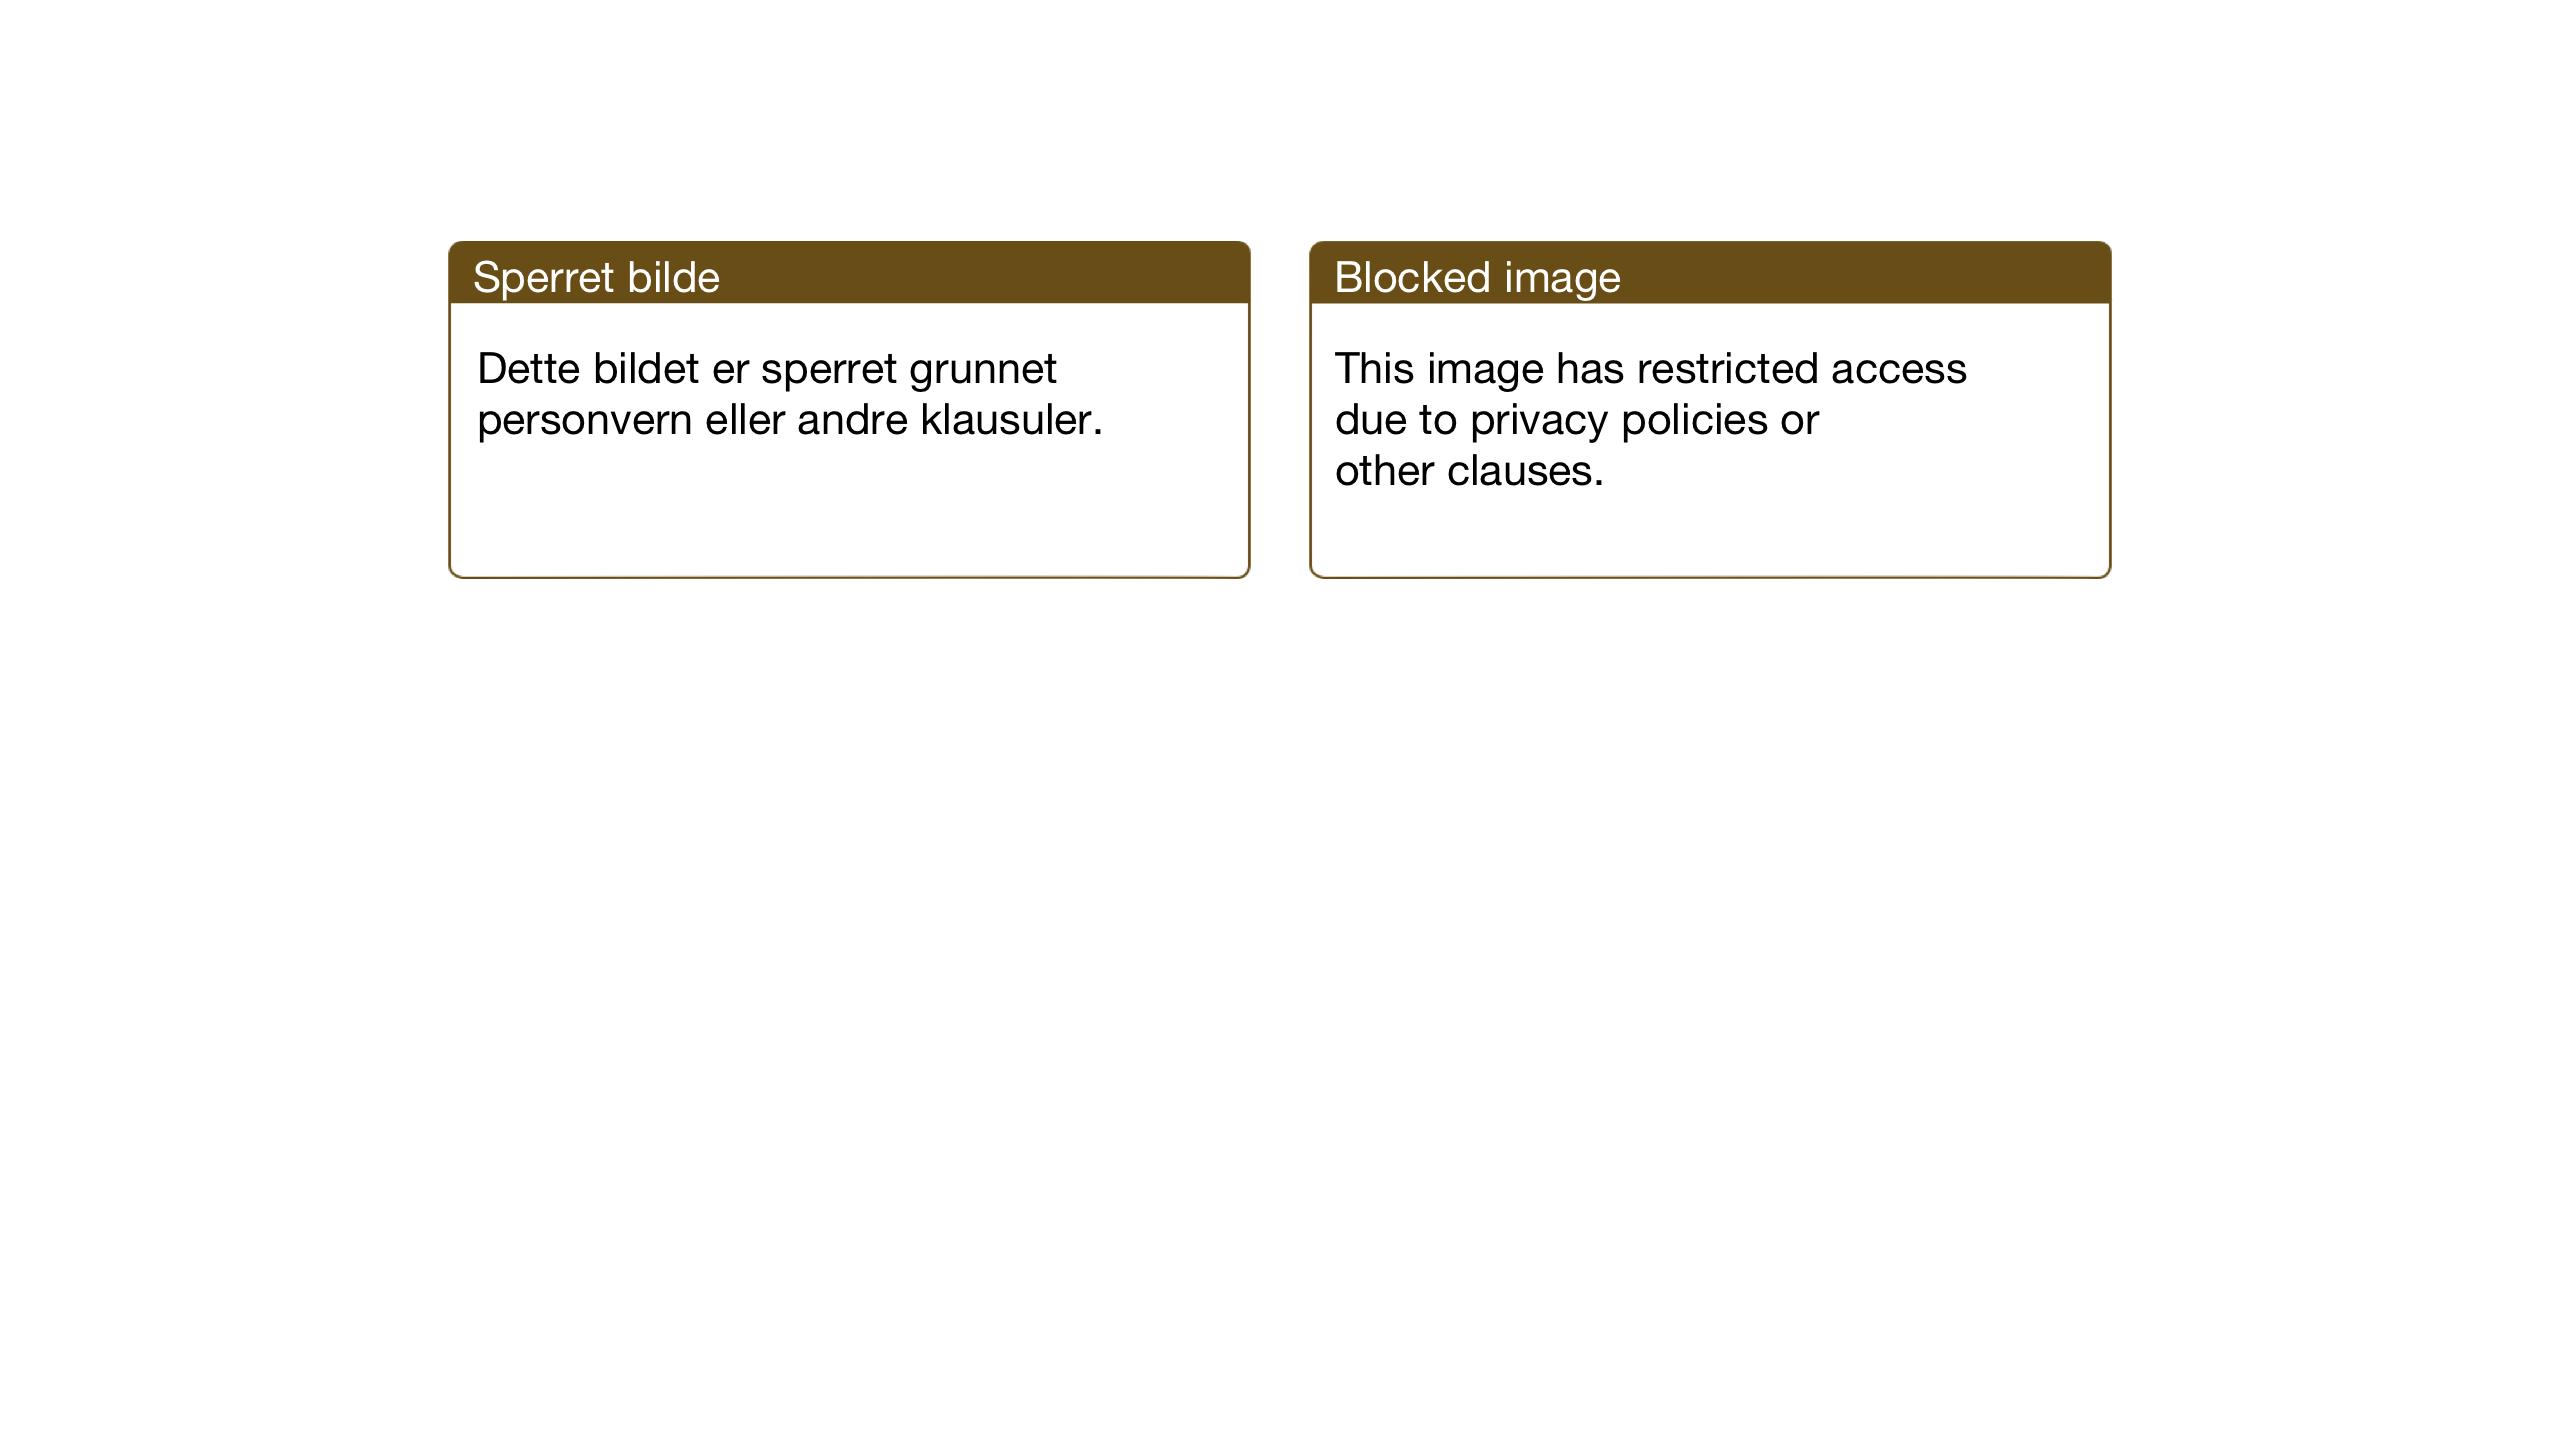 SAT, Ministerialprotokoller, klokkerbøker og fødselsregistre - Sør-Trøndelag, 667/L0799: Klokkerbok nr. 667C04, 1929-1950, s. 32